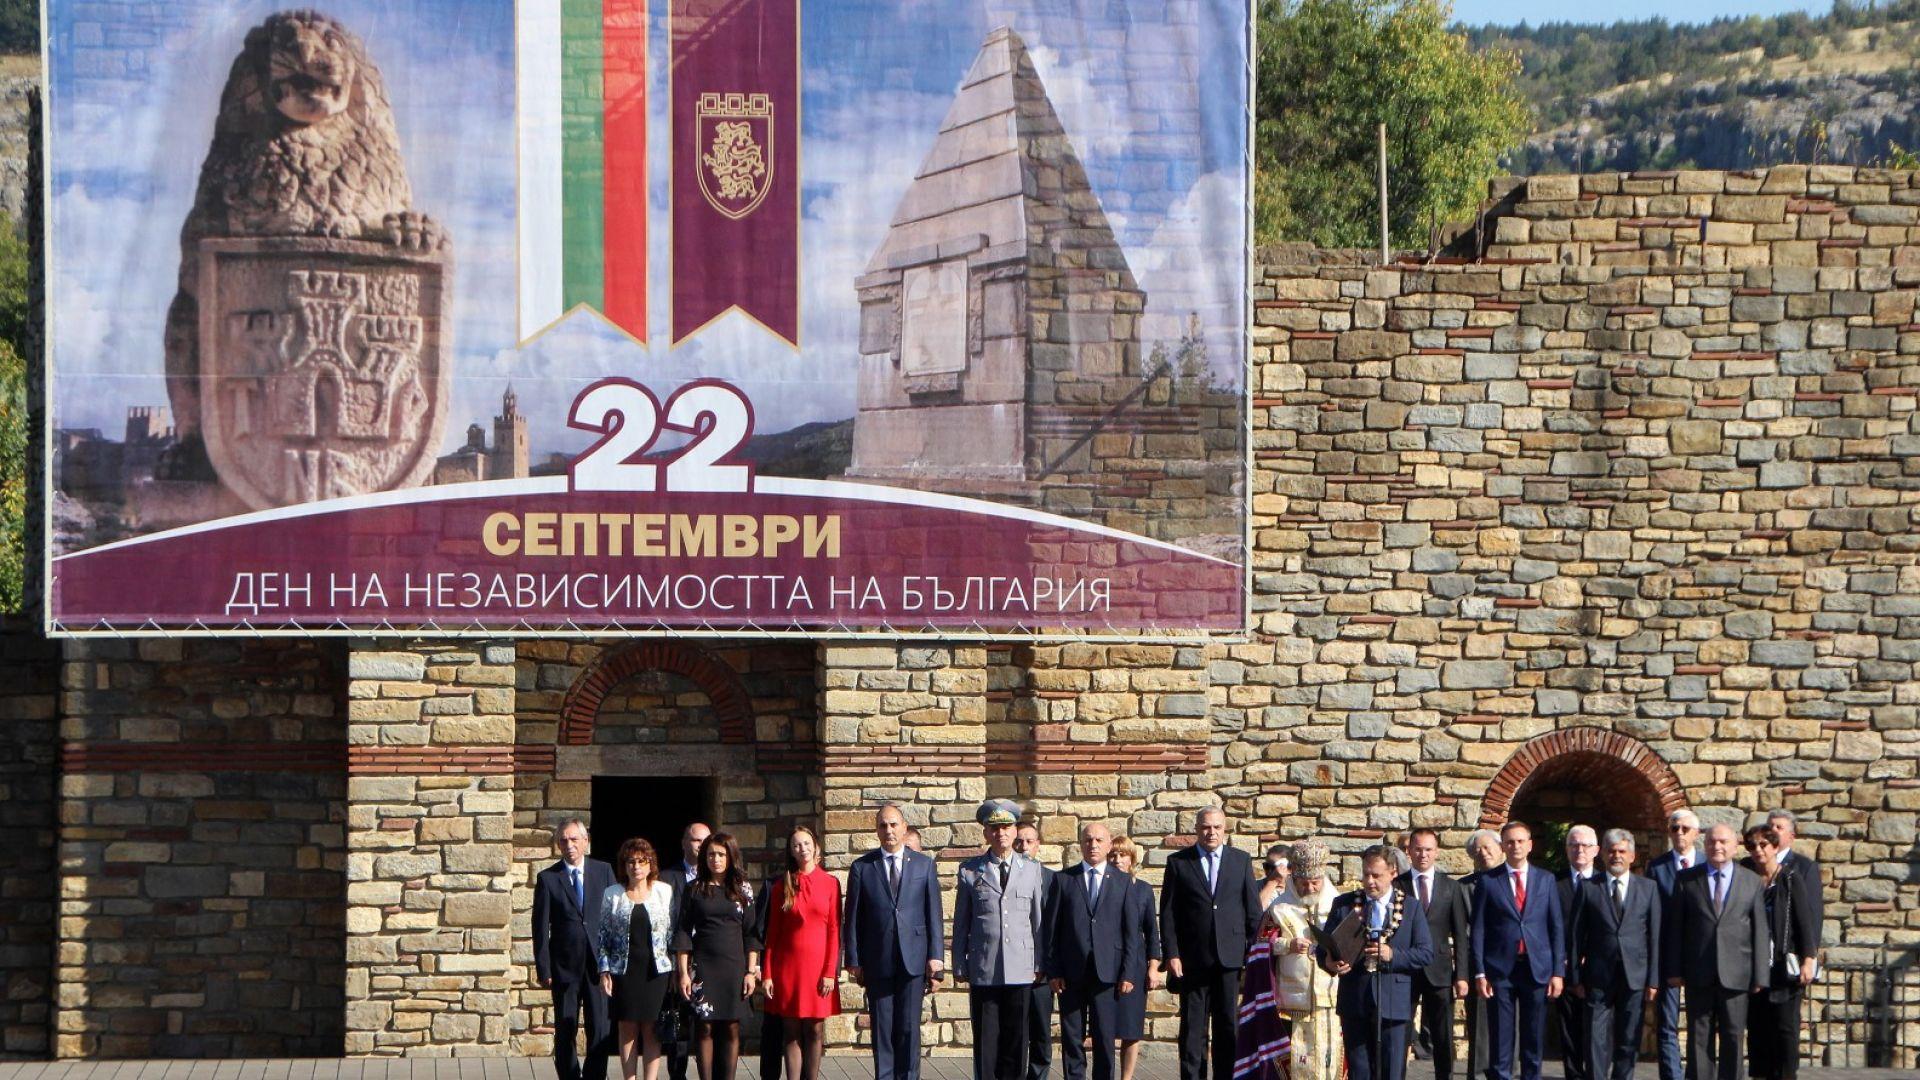 Караянчева: Свободата не е трофей, тя не се разменя или заменя